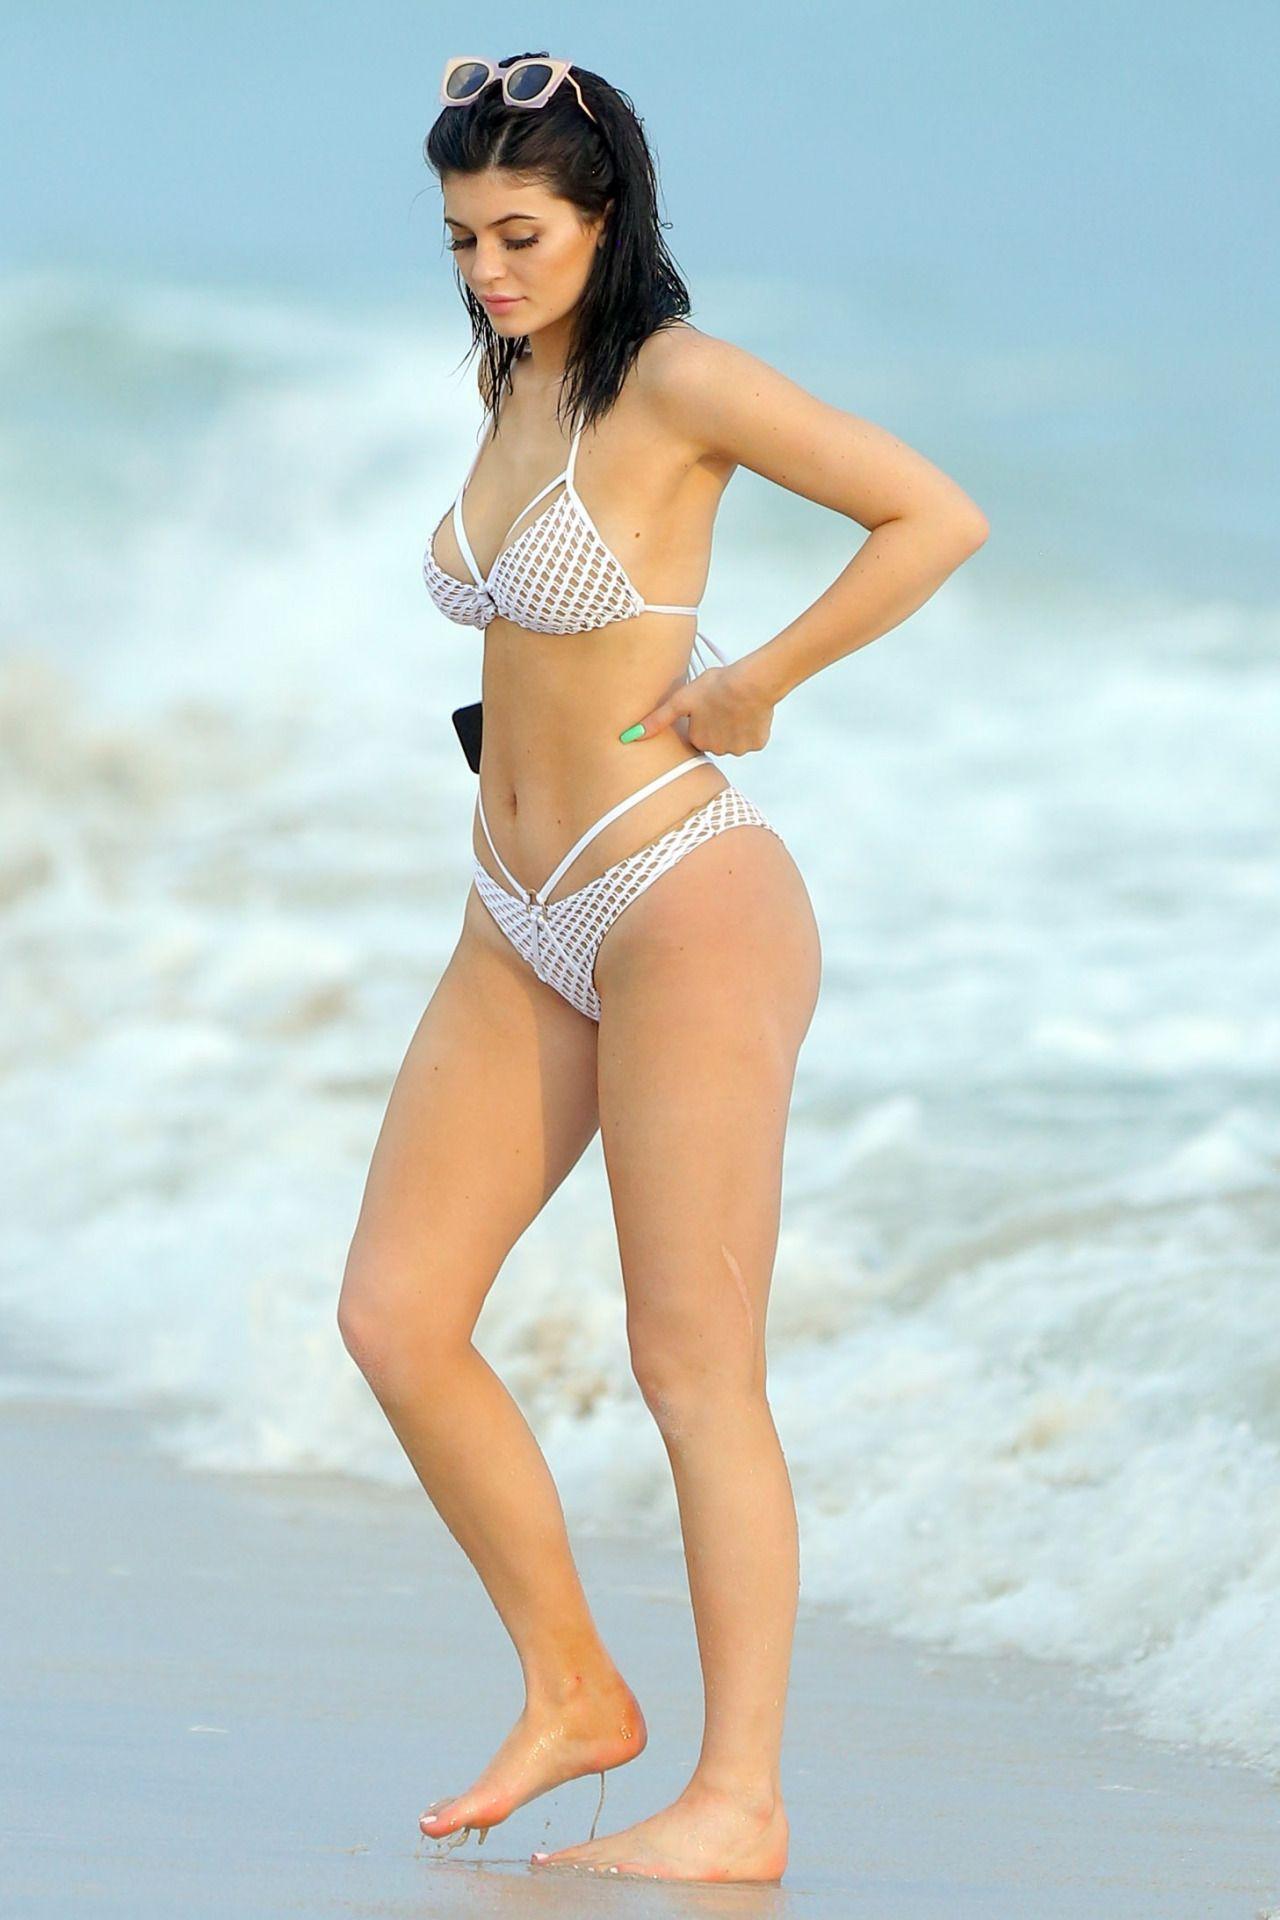 Kylie jenner beach